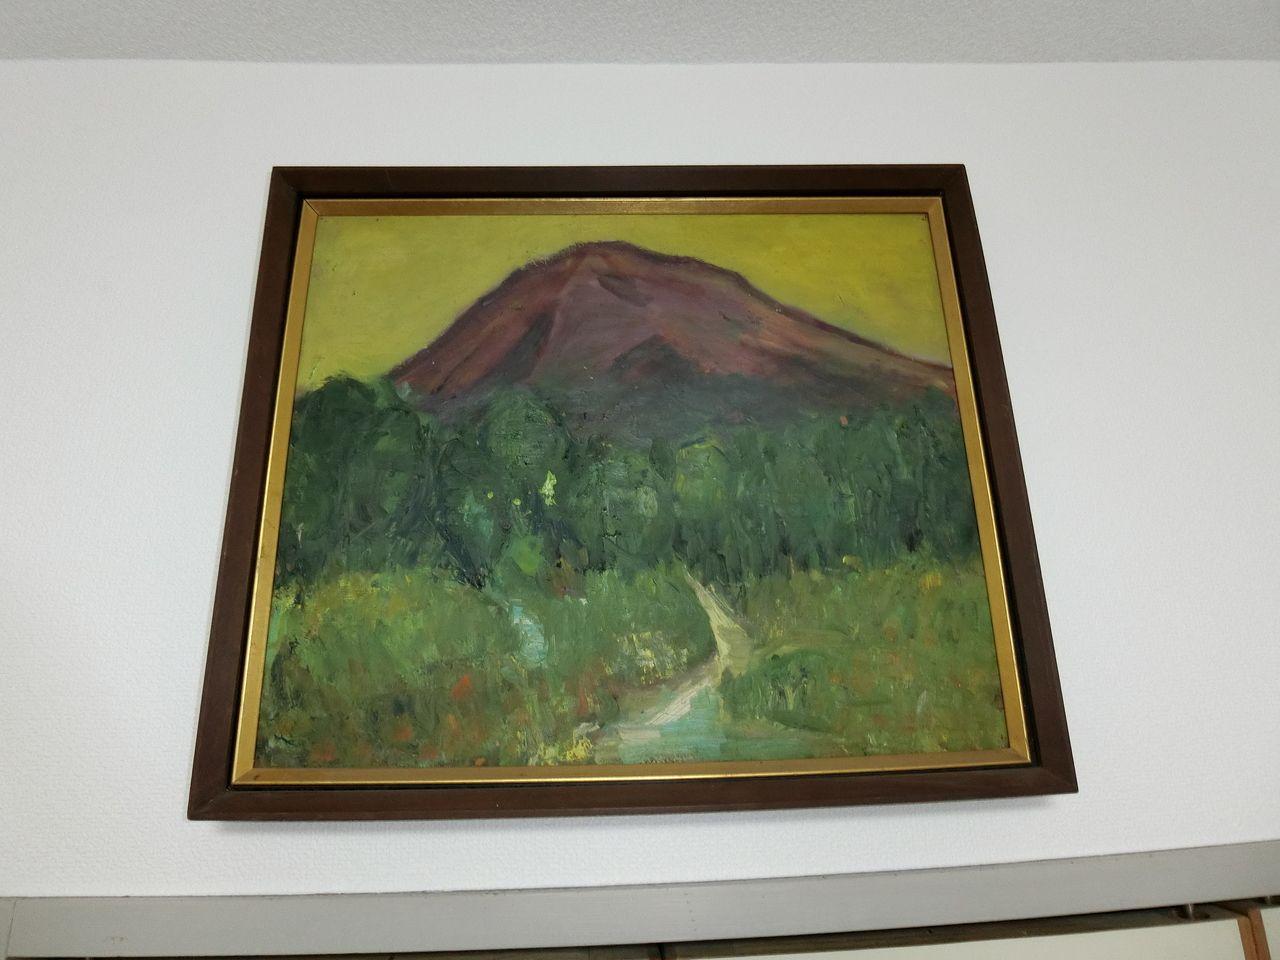 たまプラーザの美しが丘法律事務所の所長のお母様が描かれた絵